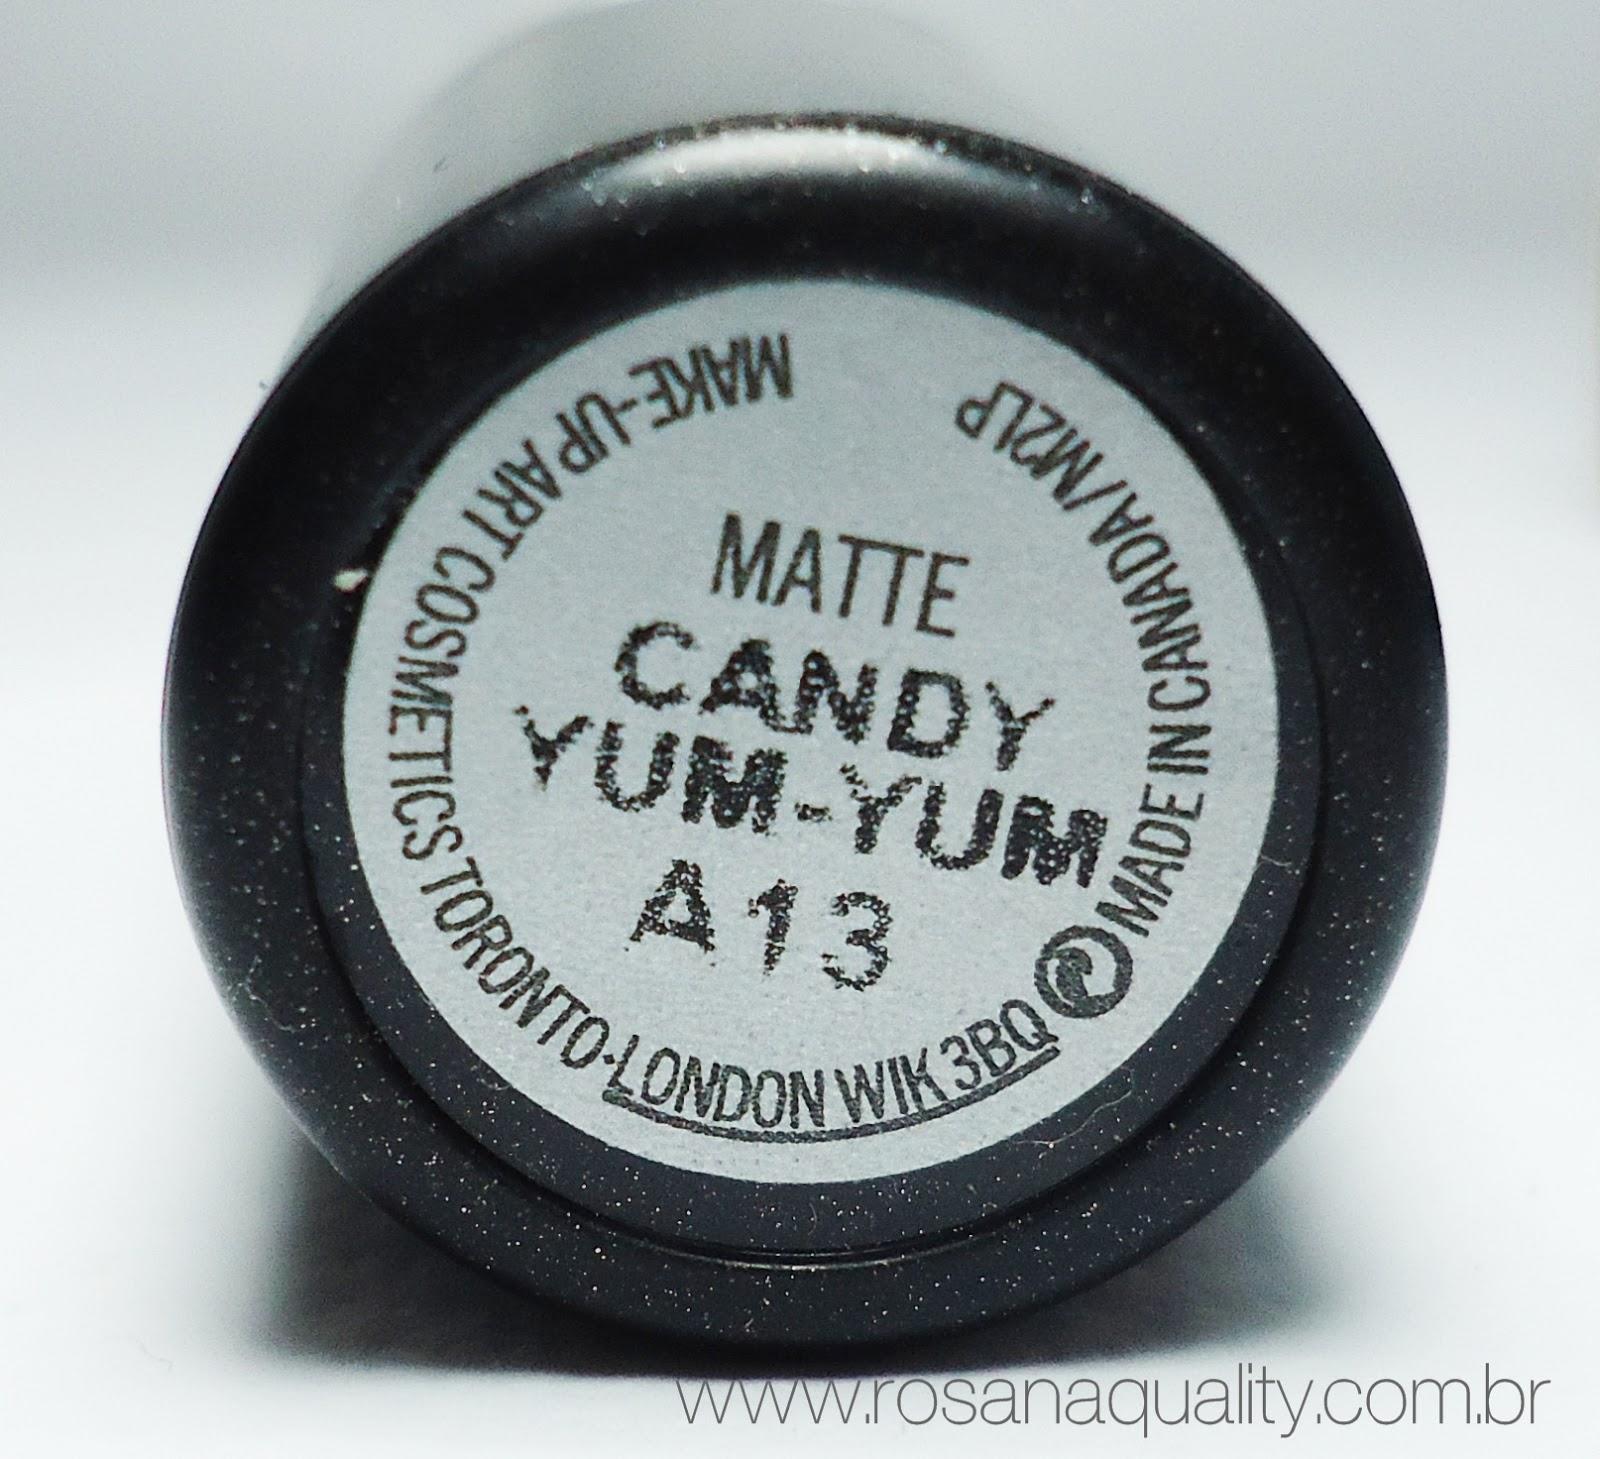 Candy Yum Yum Mac